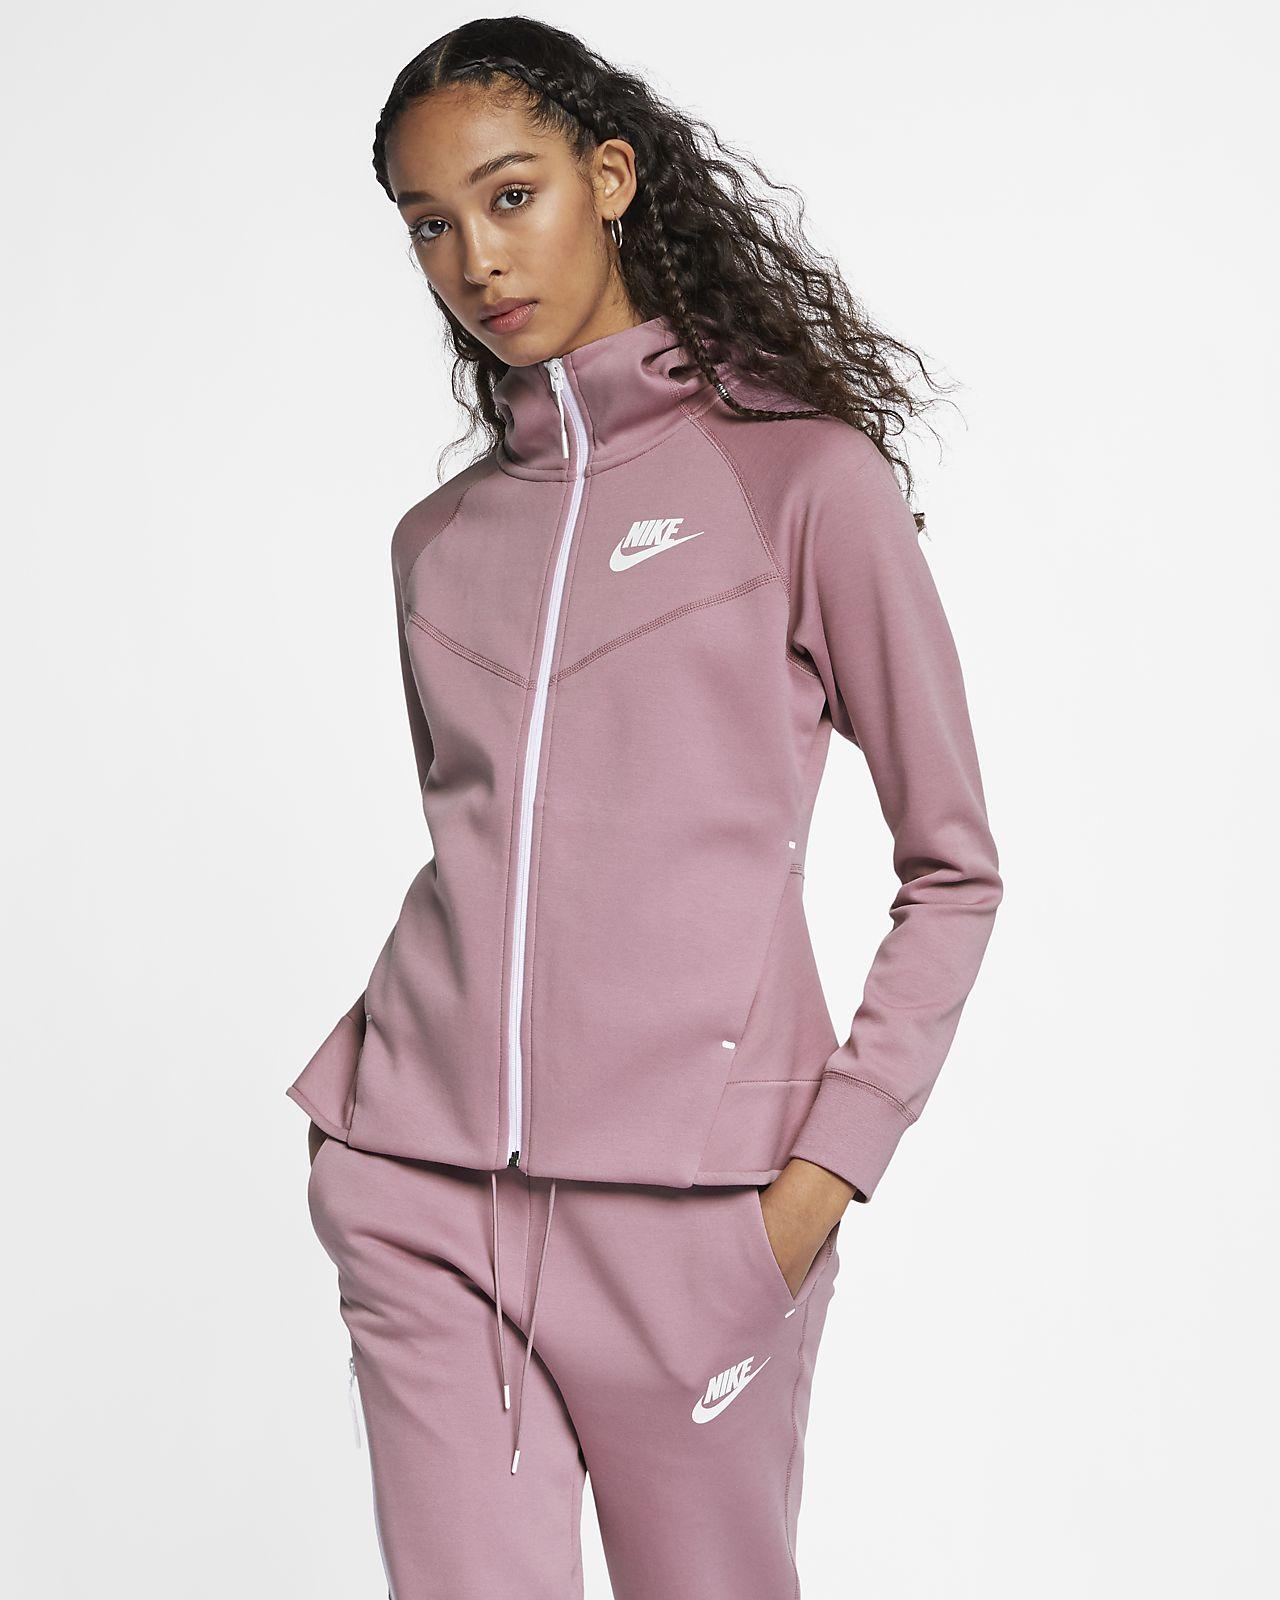 928161c686 Nike Sportswear Tech Fleece Windrunner Women's Full-Zip Hoodie